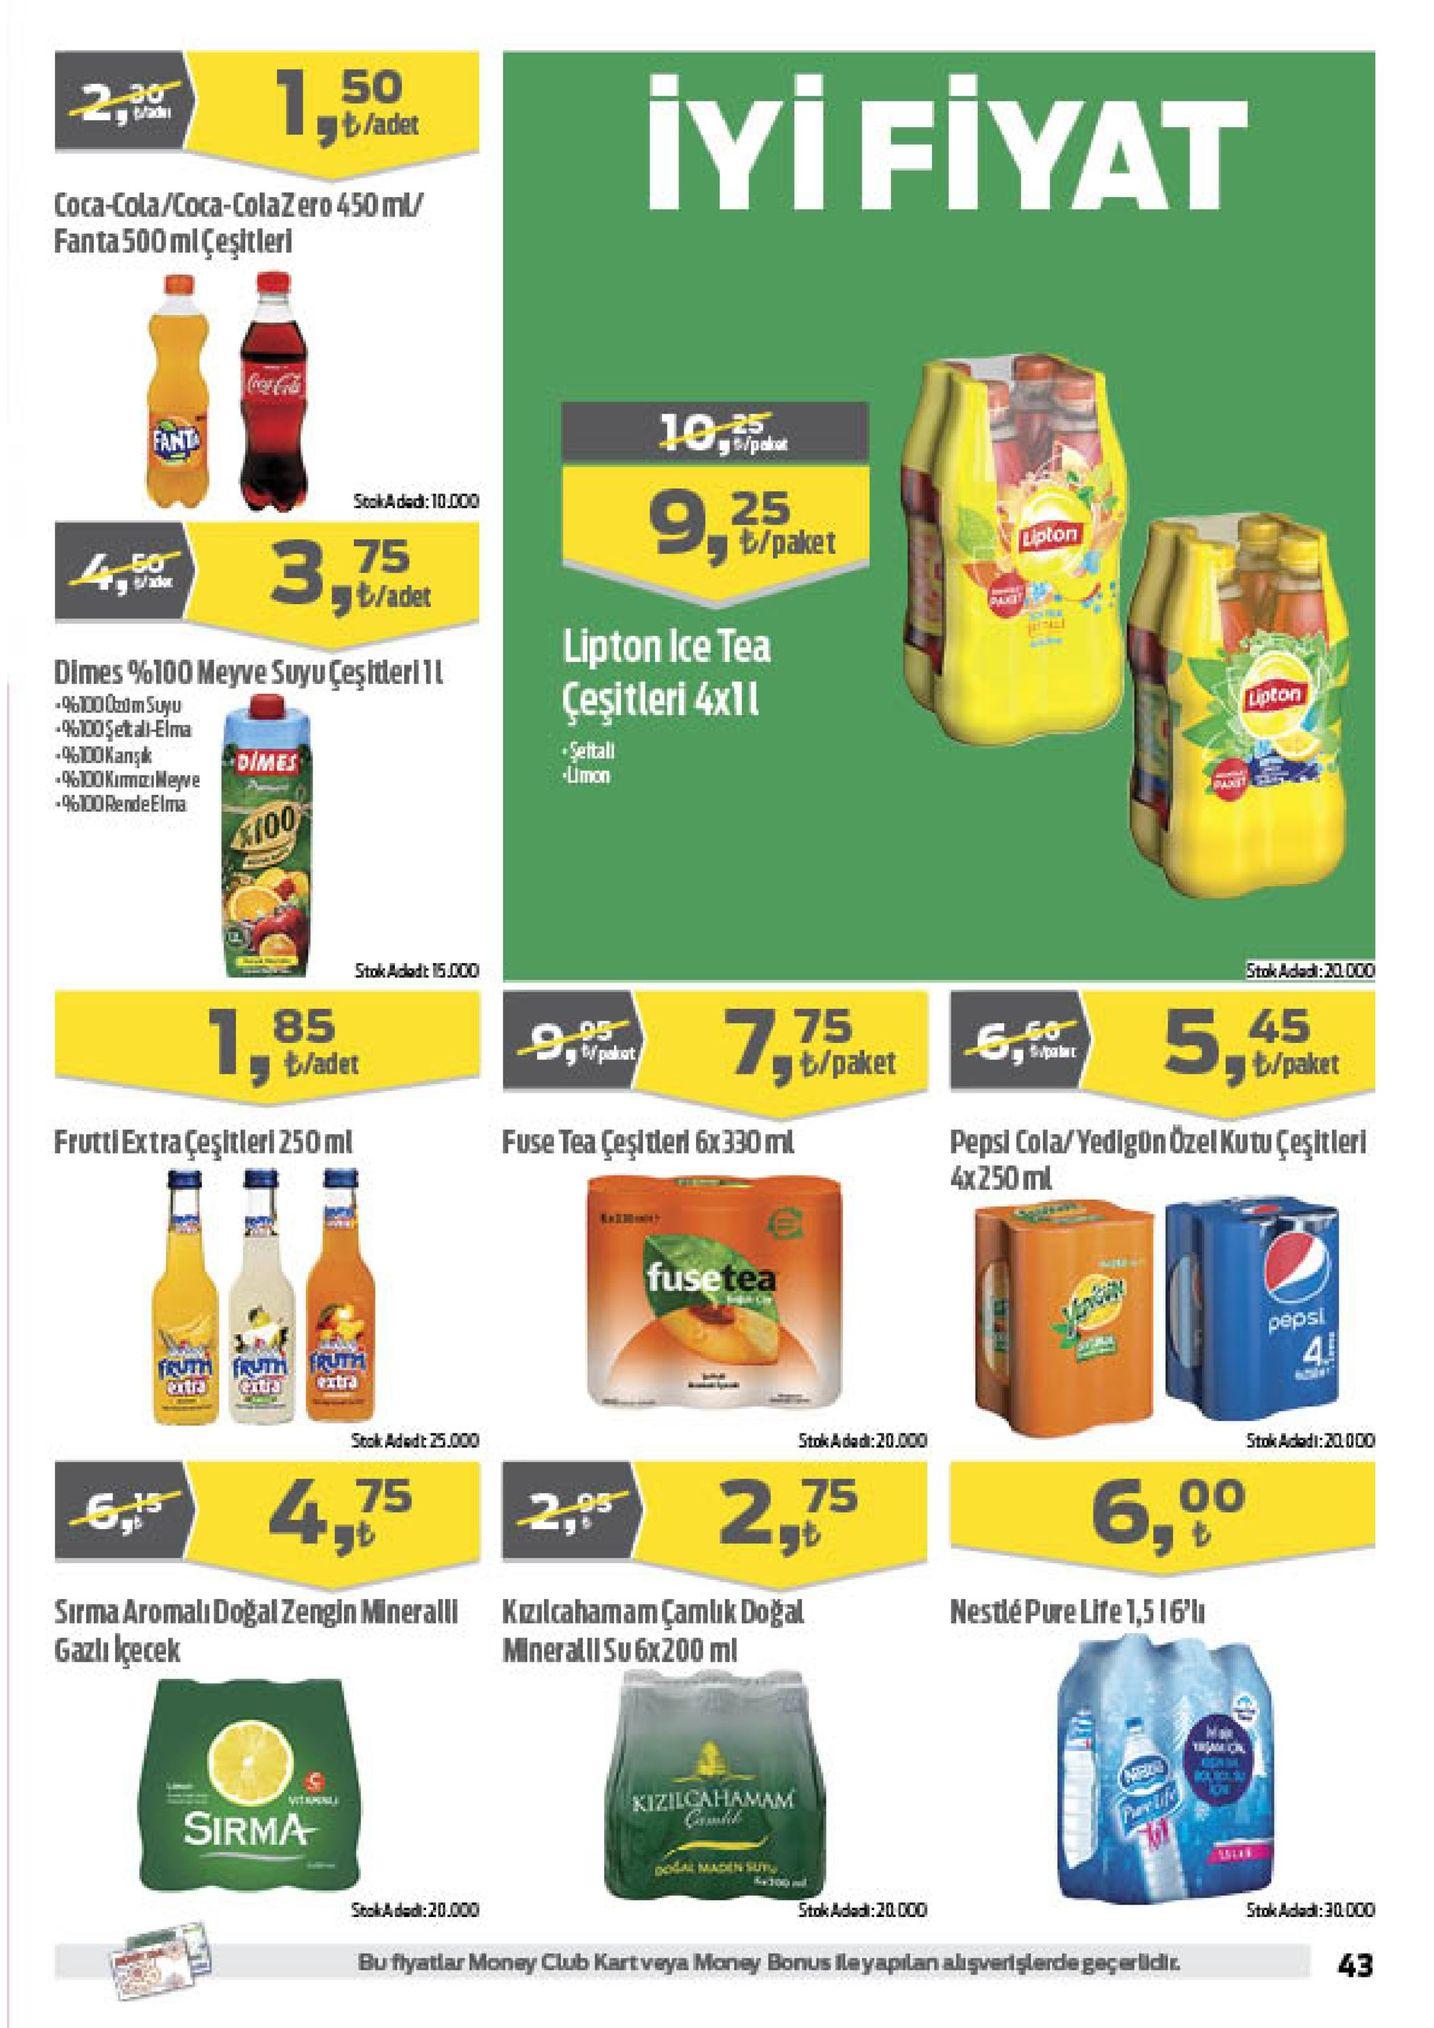 50 b/adet iyi fiyat 2 coca-cola/coca-colazero 450 ml fanta500mlcesitleri fant 25 stokadad: 10.000 /paket dpton 75 ラ /adet lipton ice tea çeşitleri 4xll dimes %100 meyve suyu çeşitleri 11 lpton %100et ali-elma seftali limon dimes %100rendeelma (0 stok adadt 15.000 adad: 20000 75 b/paket 85 45 t/paket /adet pepsi cola/yedignozelkutu çeşitlerl x250 ml rutxtesltleri250 ml fuse tea çeşitderl 6x330ml use tea sl stok adedt 25. 000 stok adad:20.000 stokadadi:20000 2,756,oo 75 ラも sirma aromalıdoğalzengin mneralli kzlcahamam çamlik doğal gazli lçecek nestlépure life1,516'l mineralll su6x200 ml kizilcahamam sirma stokadad: 20.000 stok adad:za. coo stokadad: 30000 bu fiyatlar money club kartveya money bonus leyaplan aişverişlerde geçerlidi 43